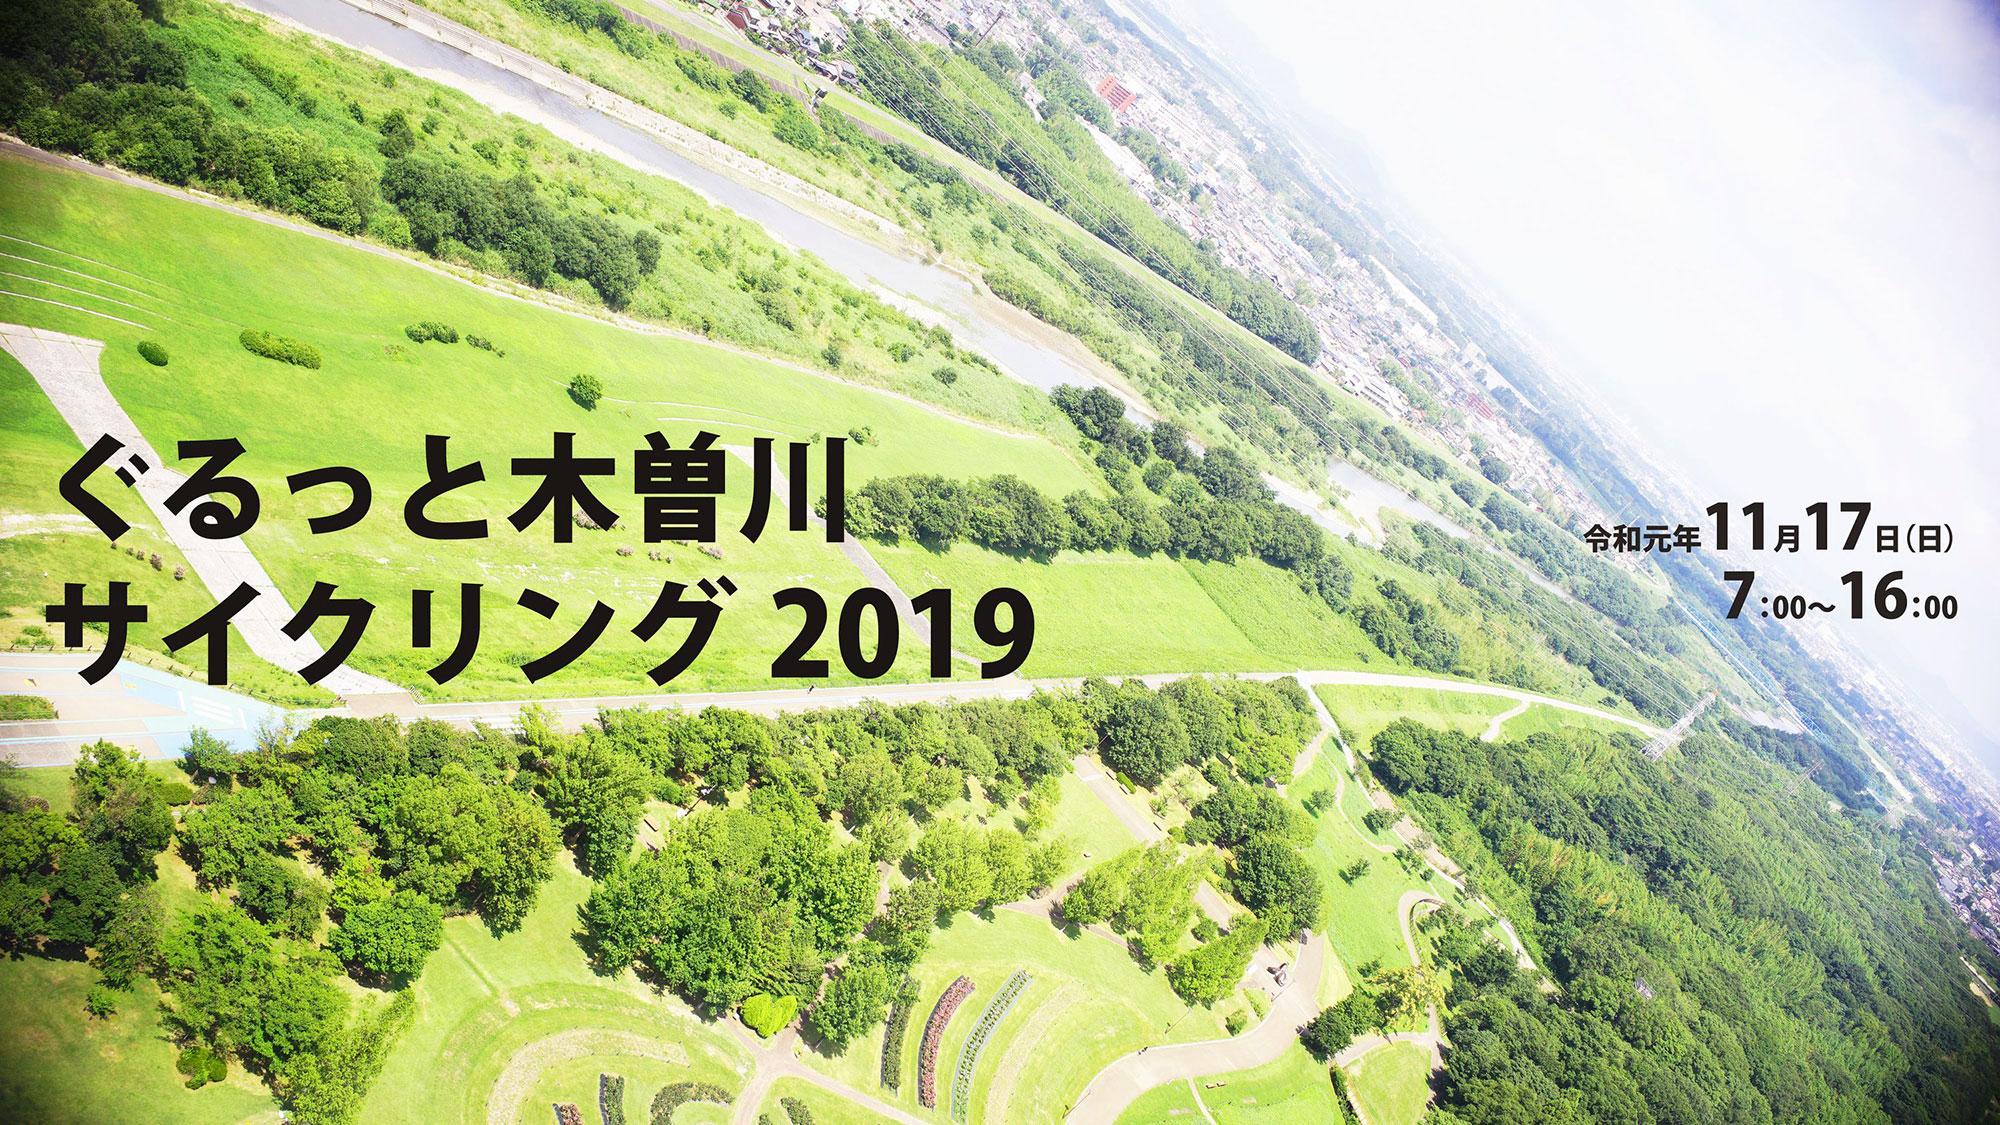 ぐるっと木曽川サイクリング2019